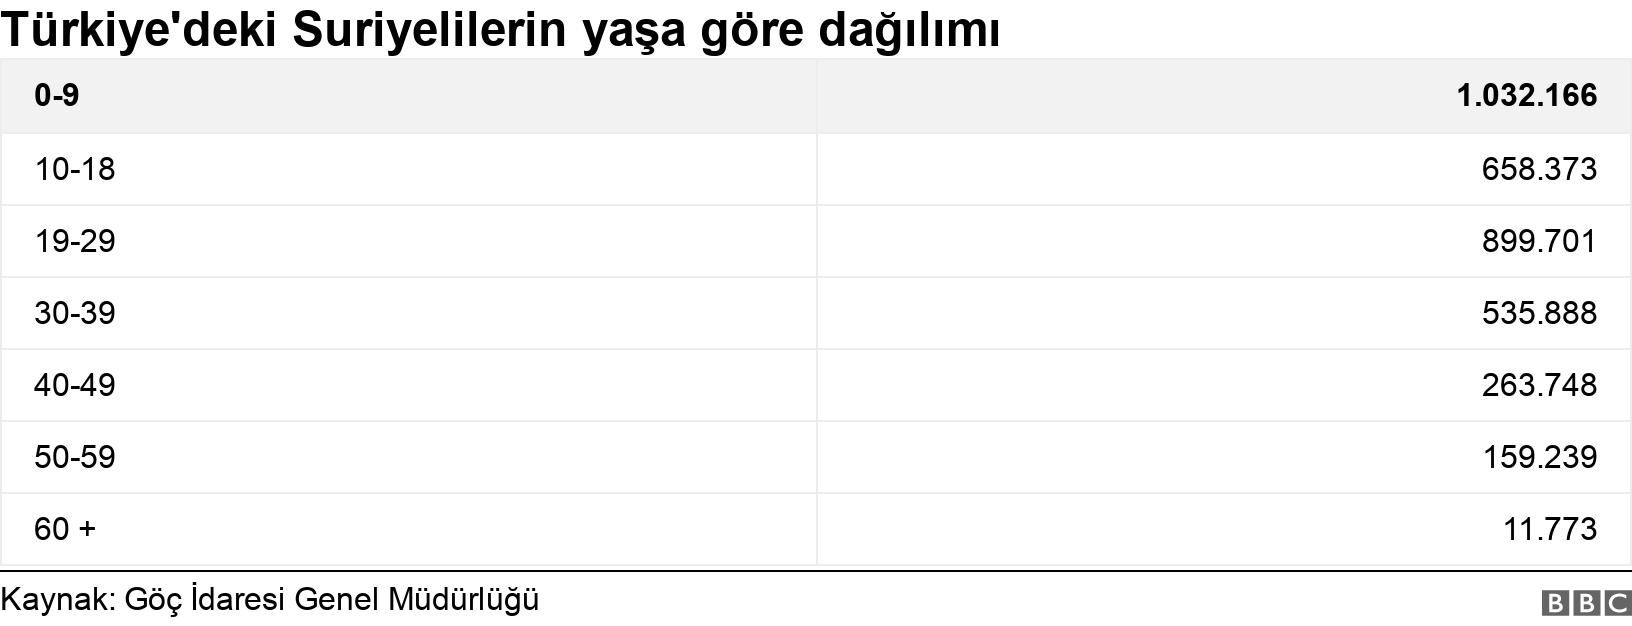 Türkiye'deki Suriyelilerin yaşa göre dağılımı. .  .